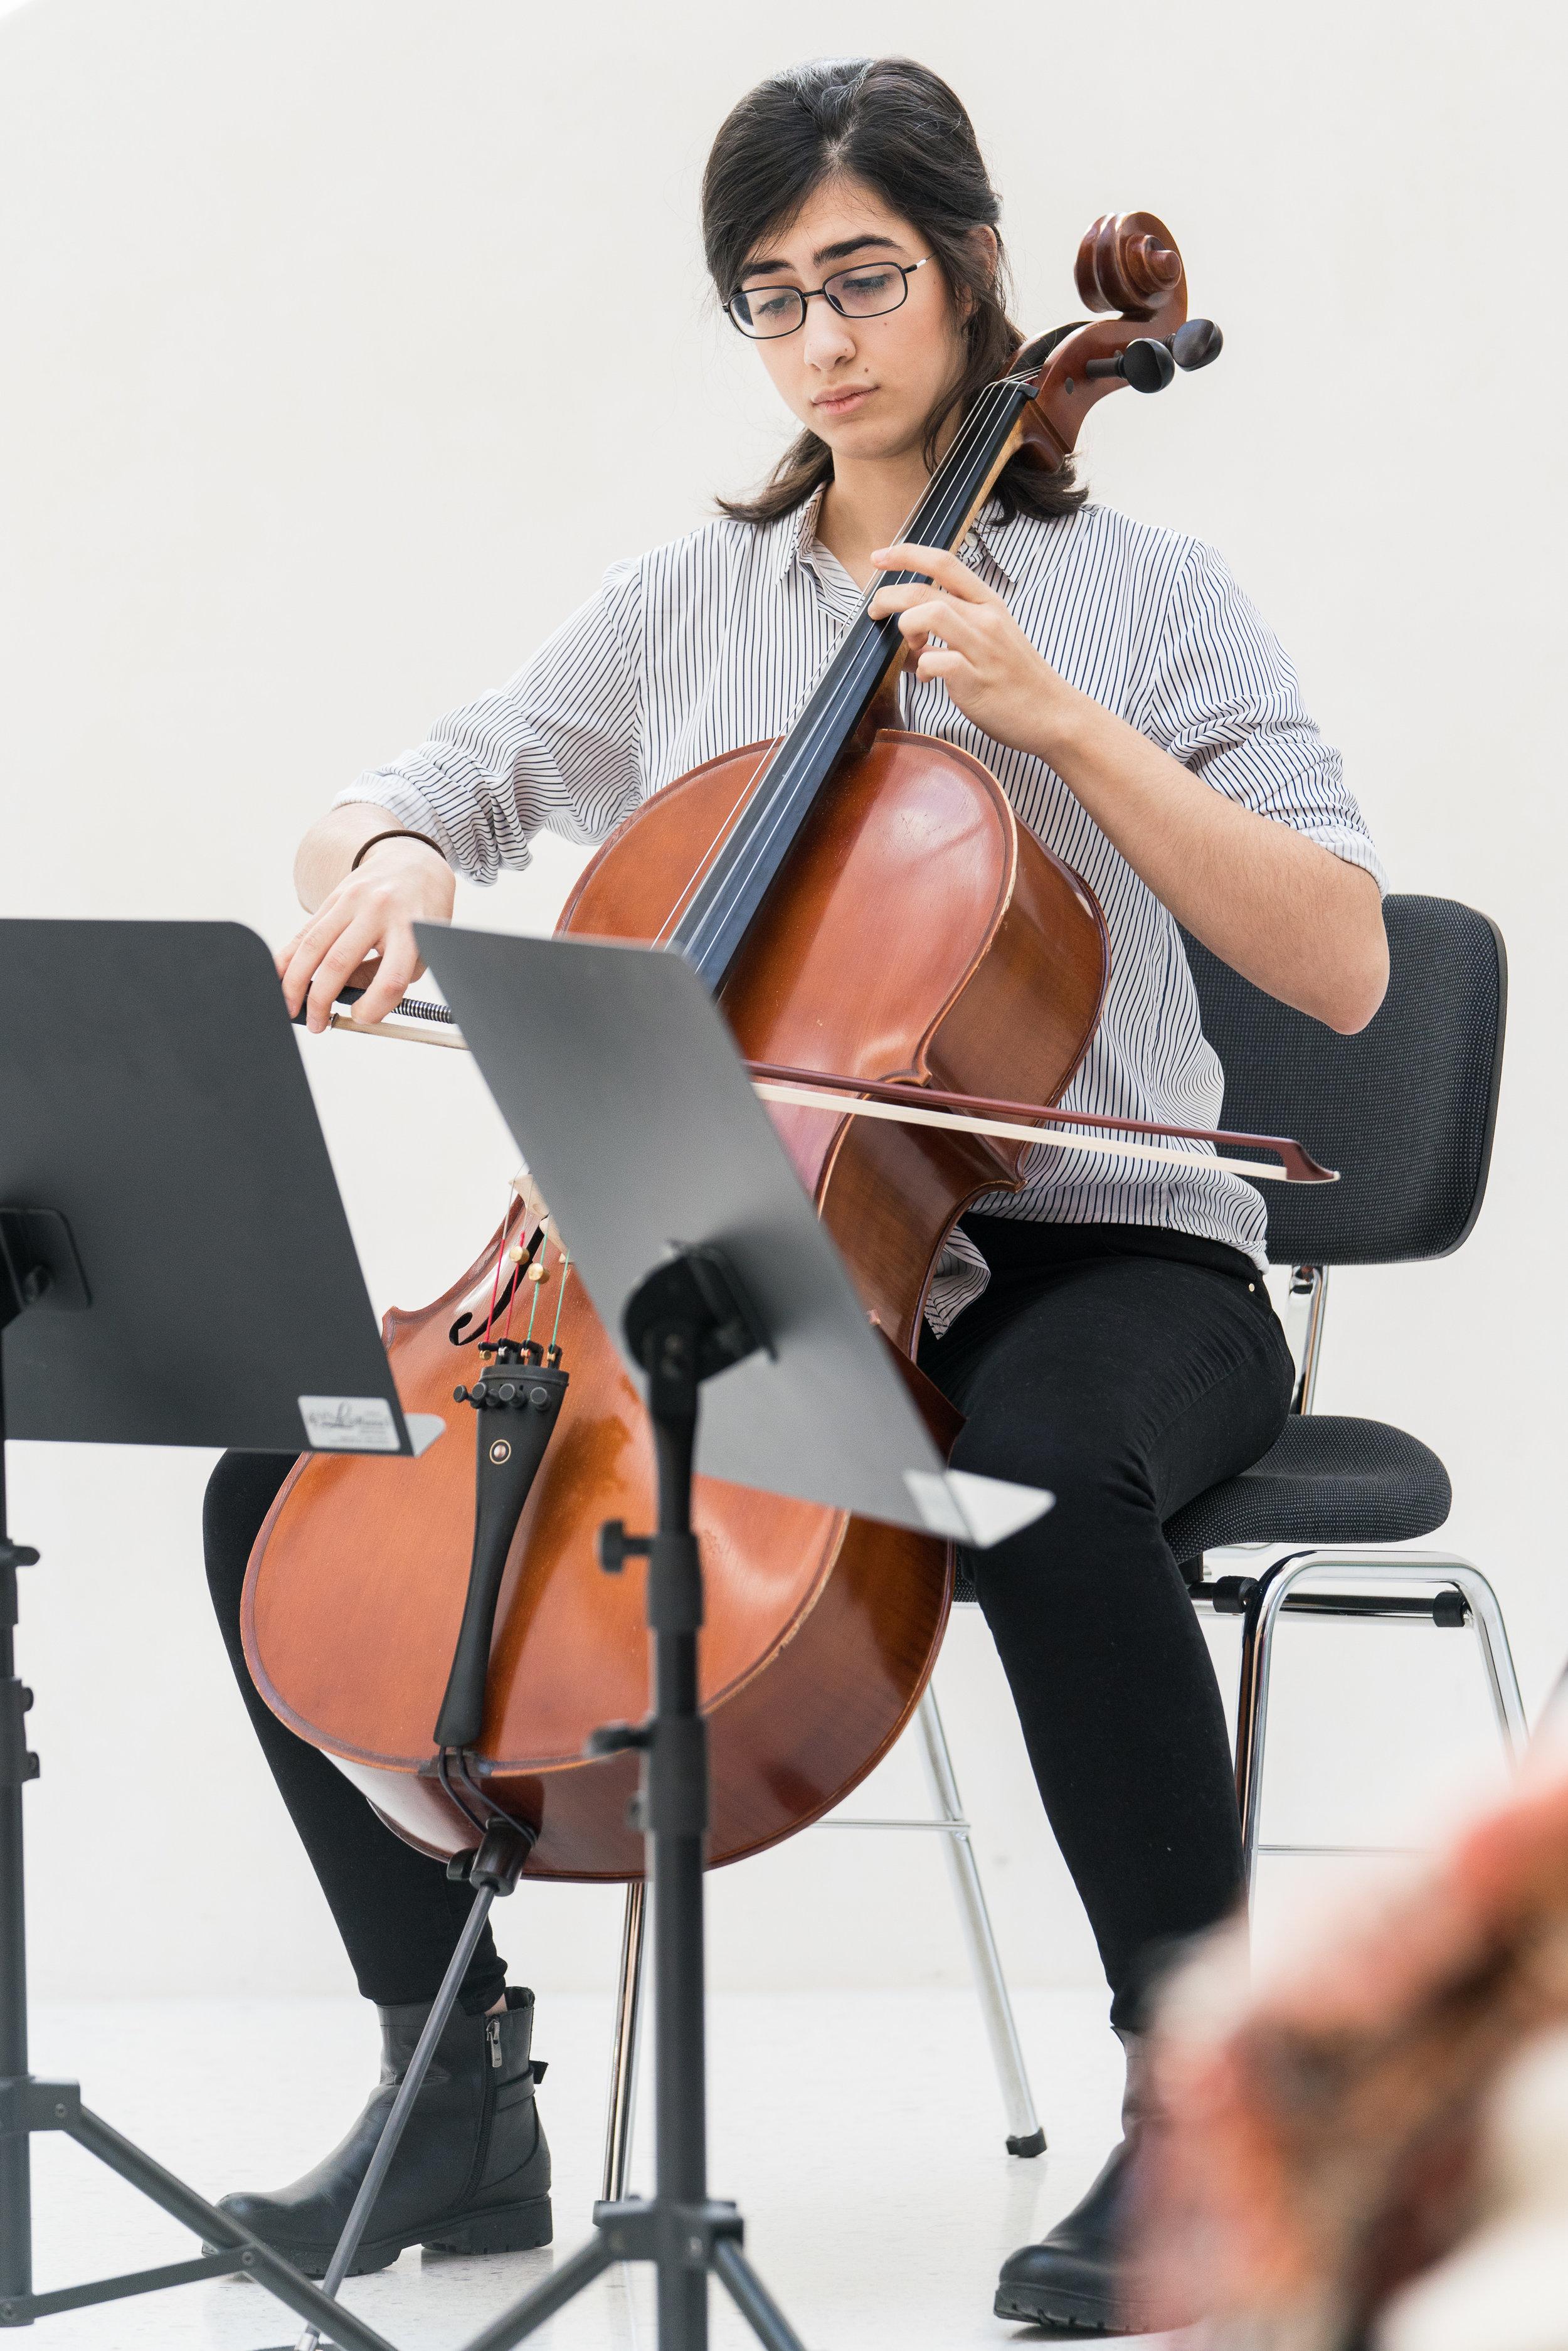 Konzert am Mittag - Cello20180206_003-036.jpg